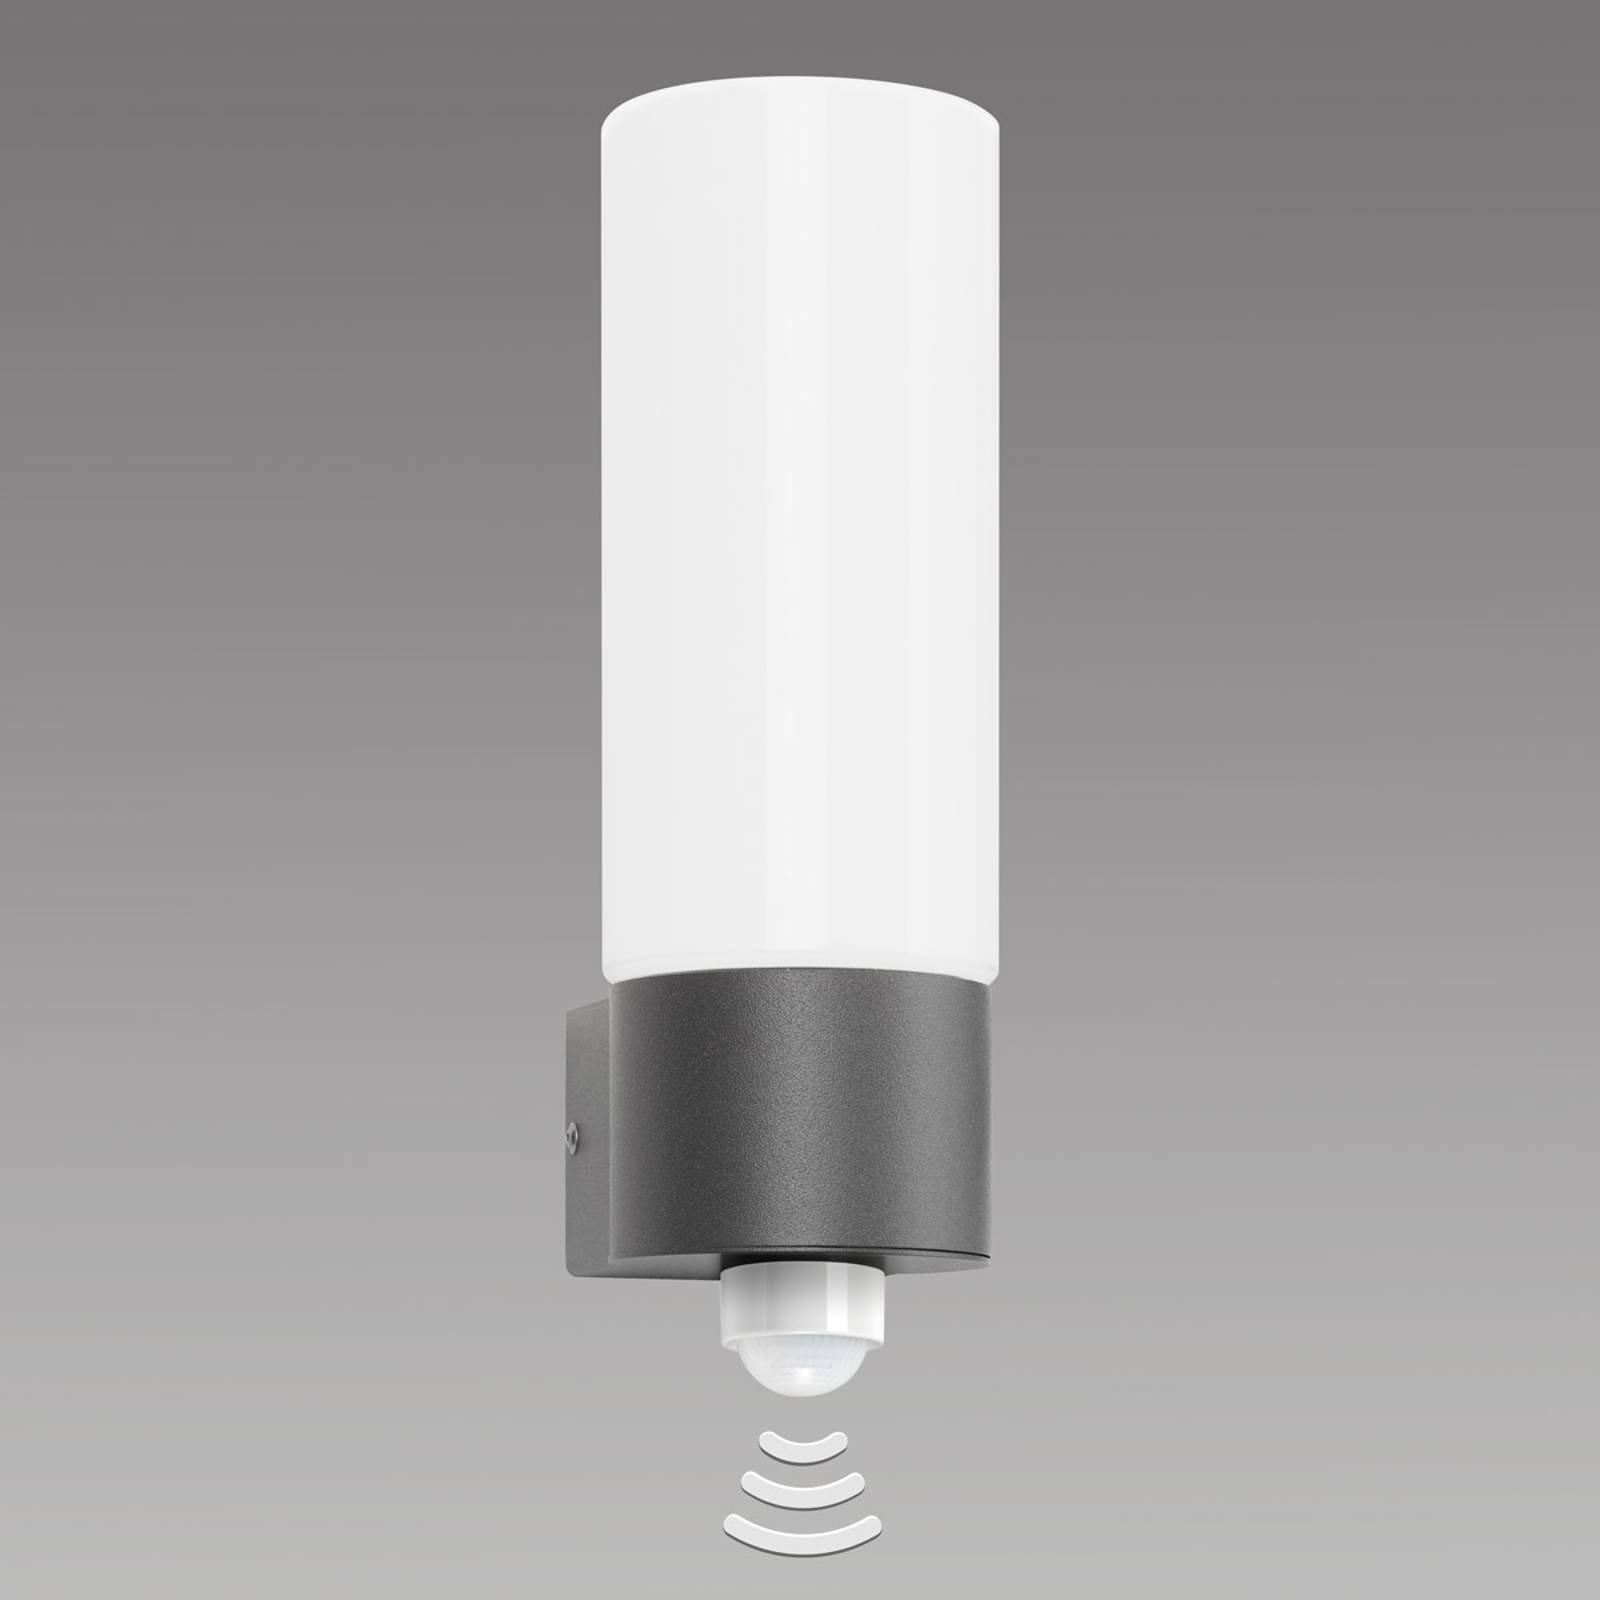 Liten Gray utendørs vegglampe med sensor